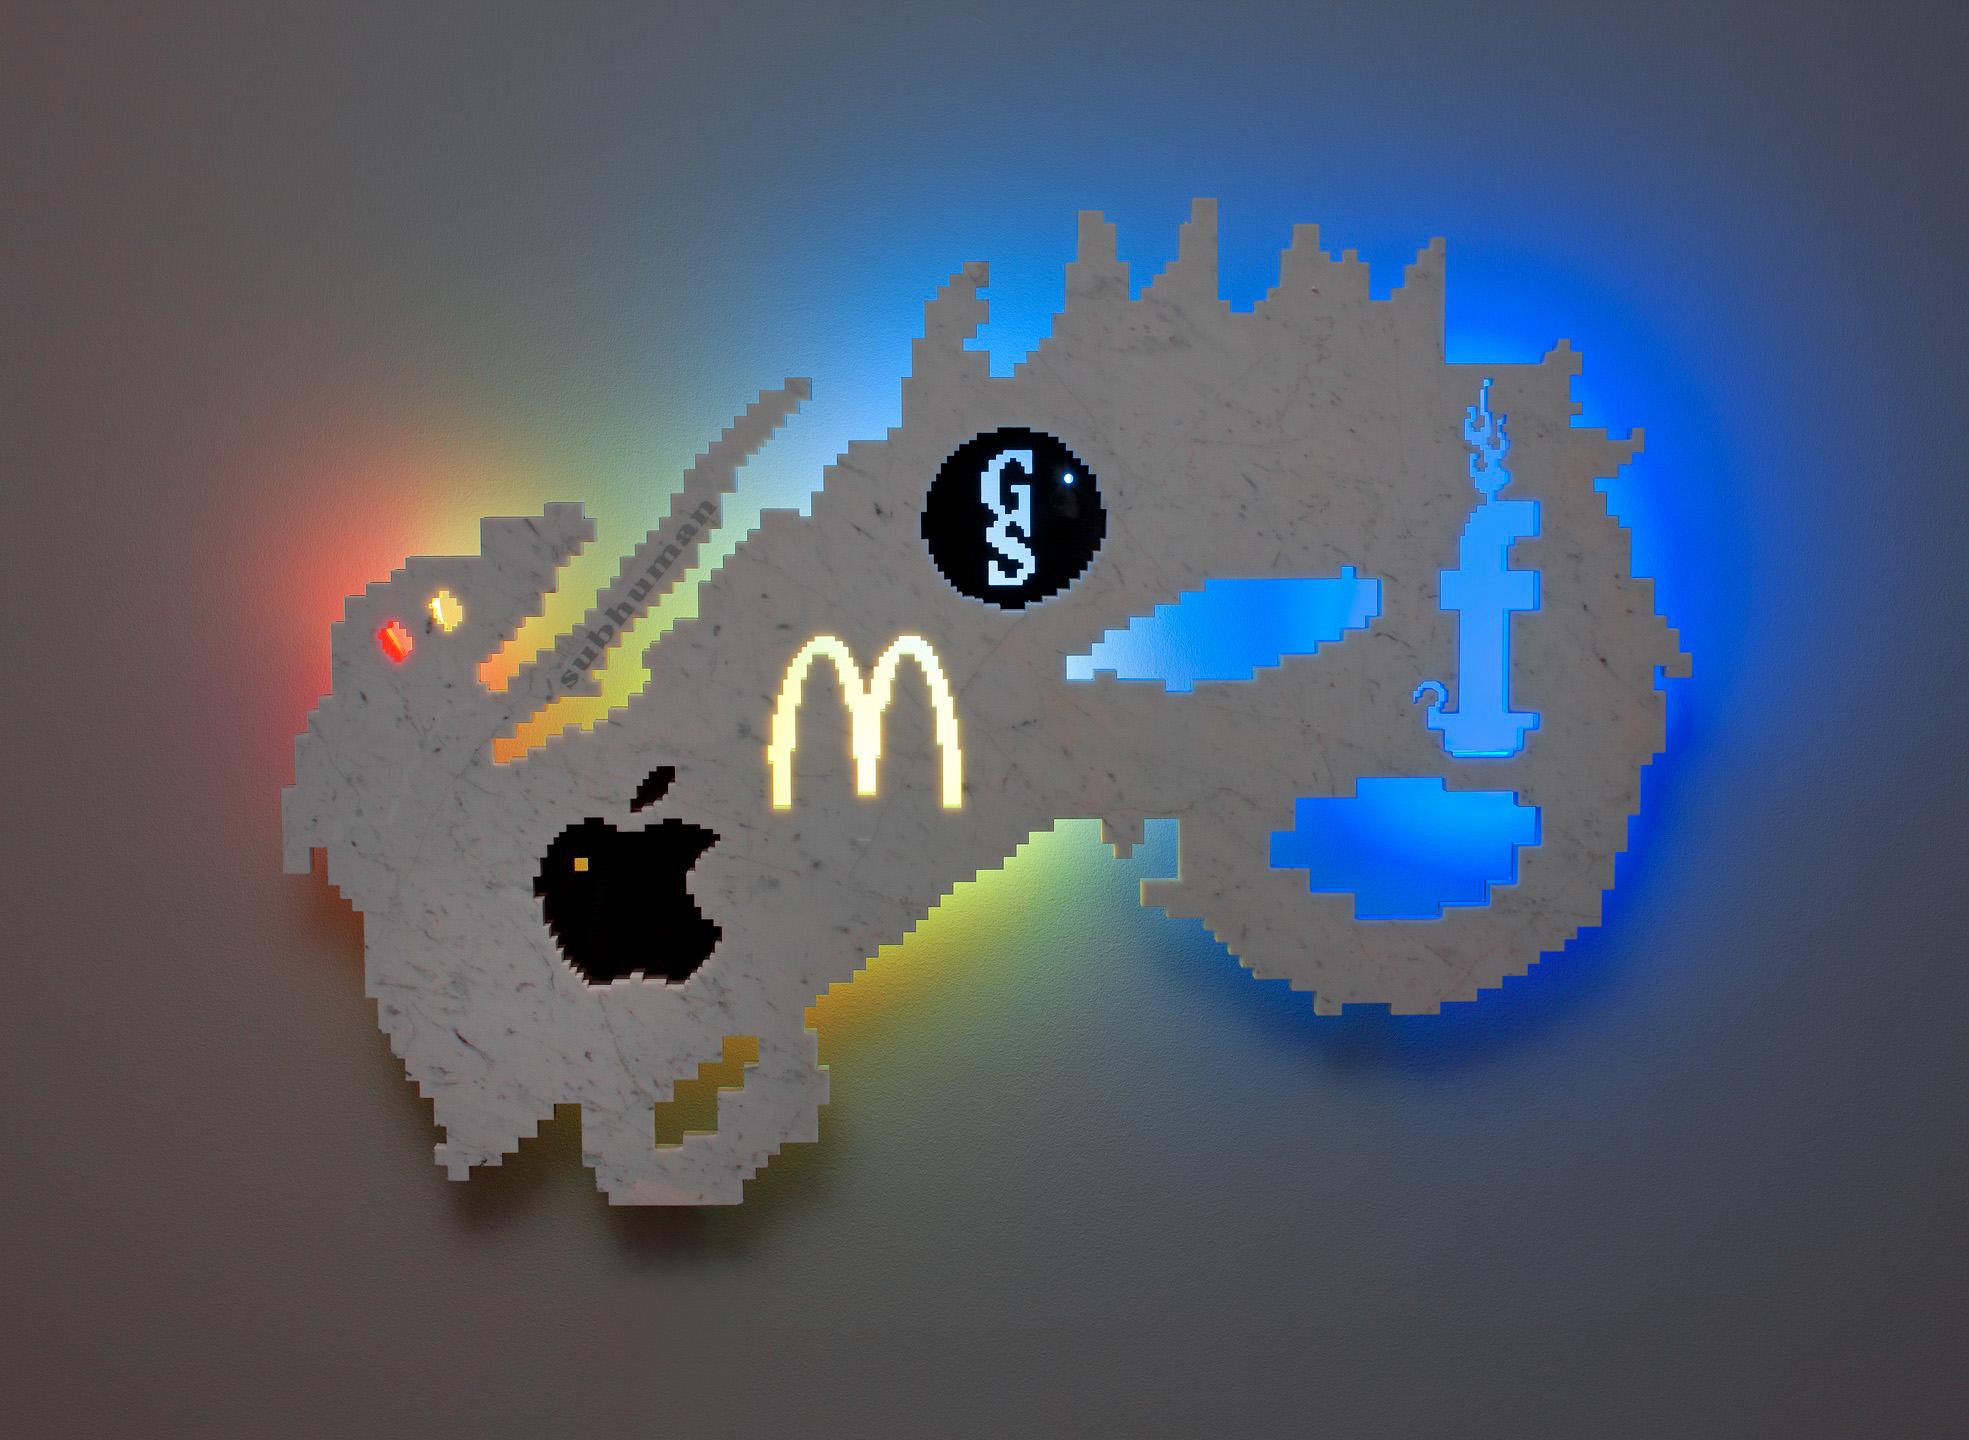 Michele Chiossi The Leviathan's Age, 2013  marmo statuario, acciaio, neon Leviatano allegoria Mac Donald Apple Google Goldman Sachs fb Facebook zigzag scultura retroilluminazione